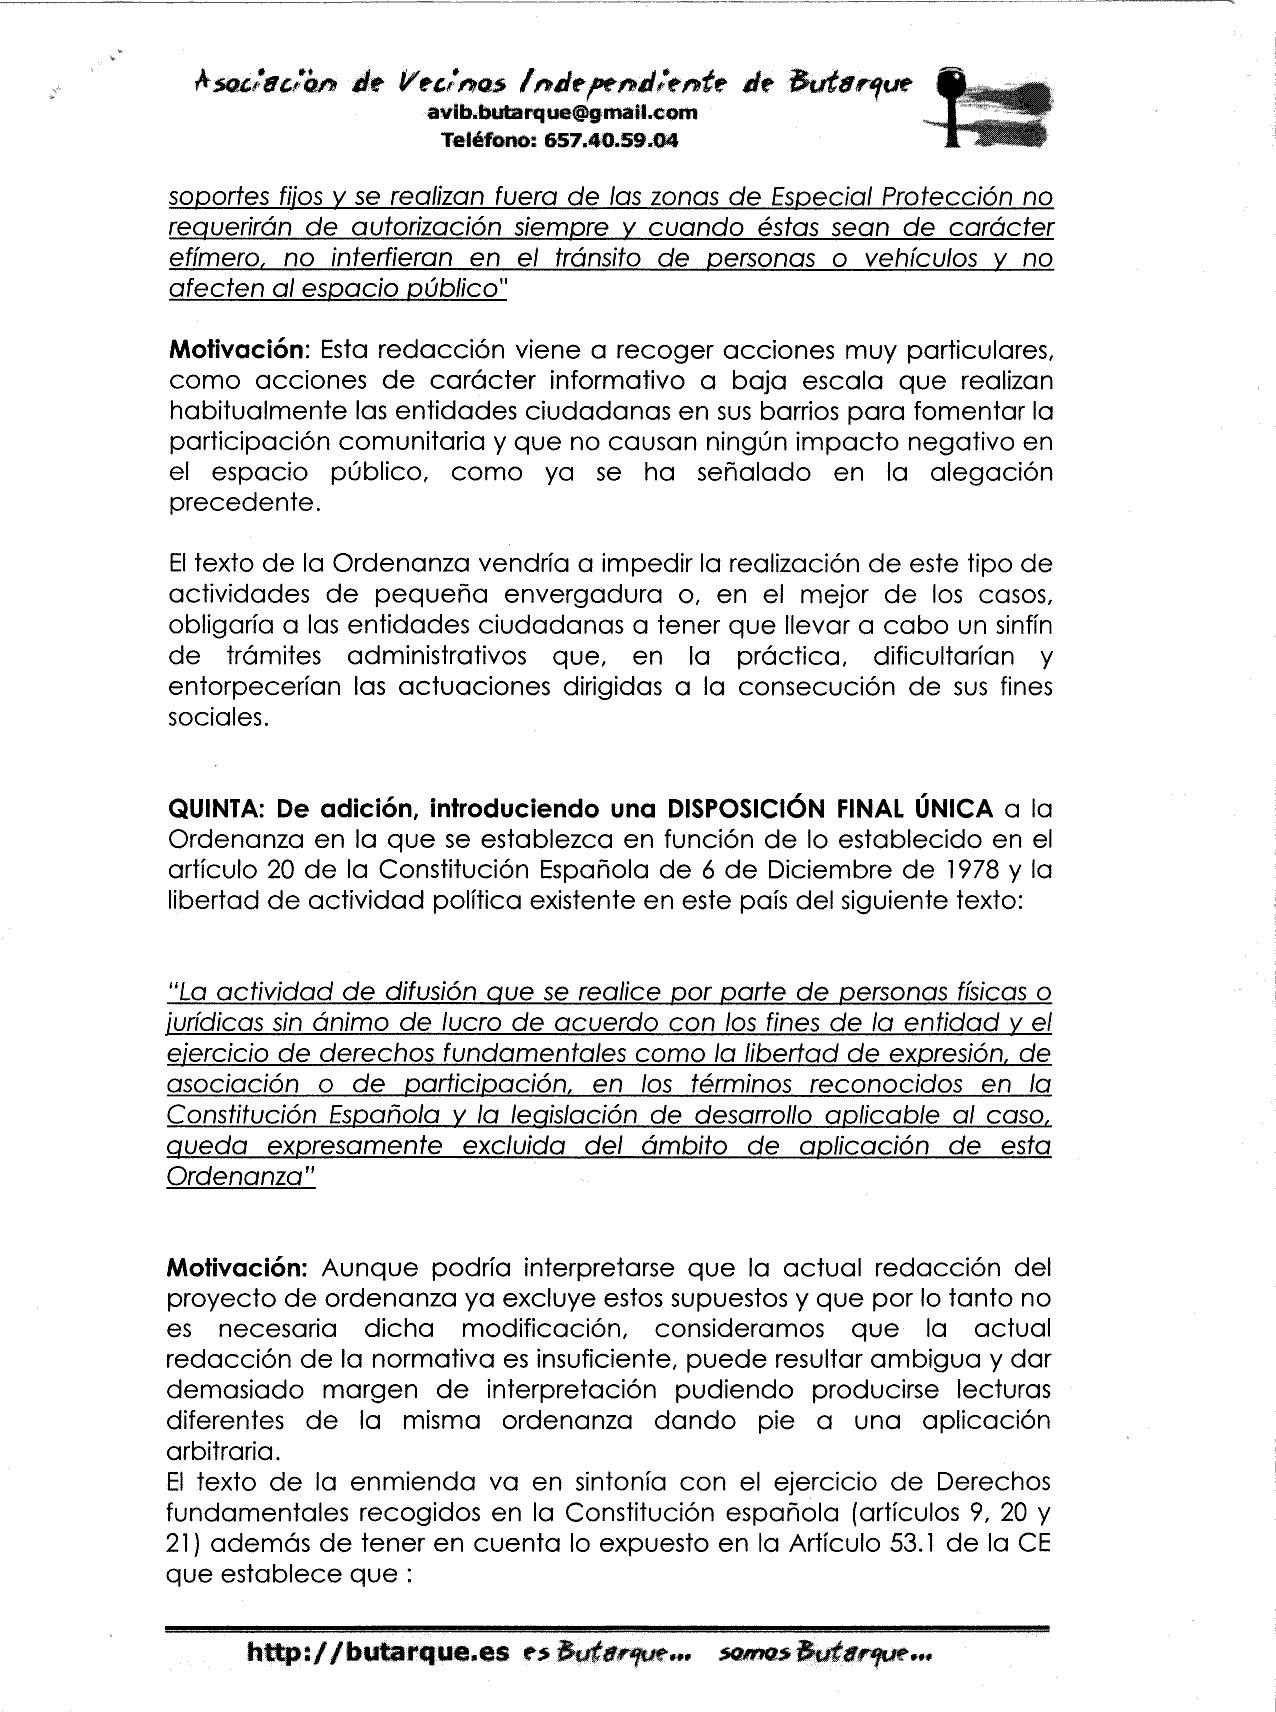 Alegaciones_ordenanza_publicidad_en_lugares_publicos-5.jpg